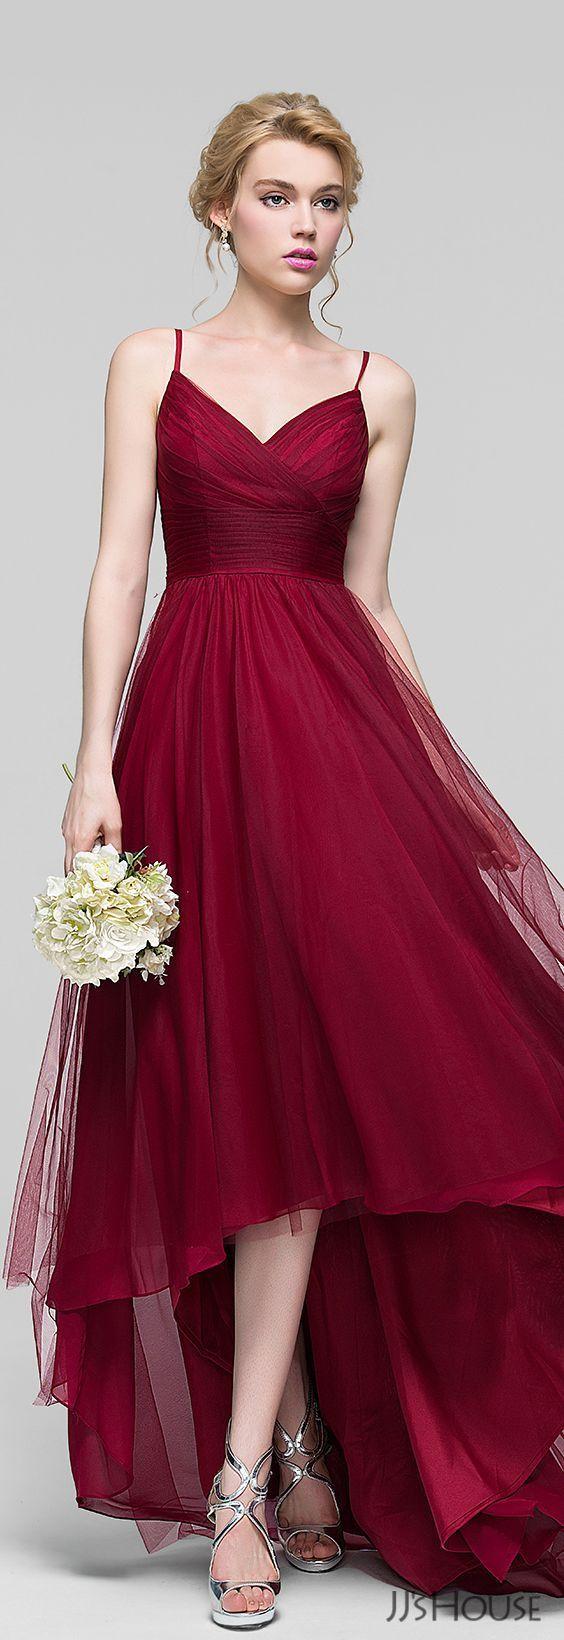 Pin by wanda blackblood on fashion in pinterest dresses